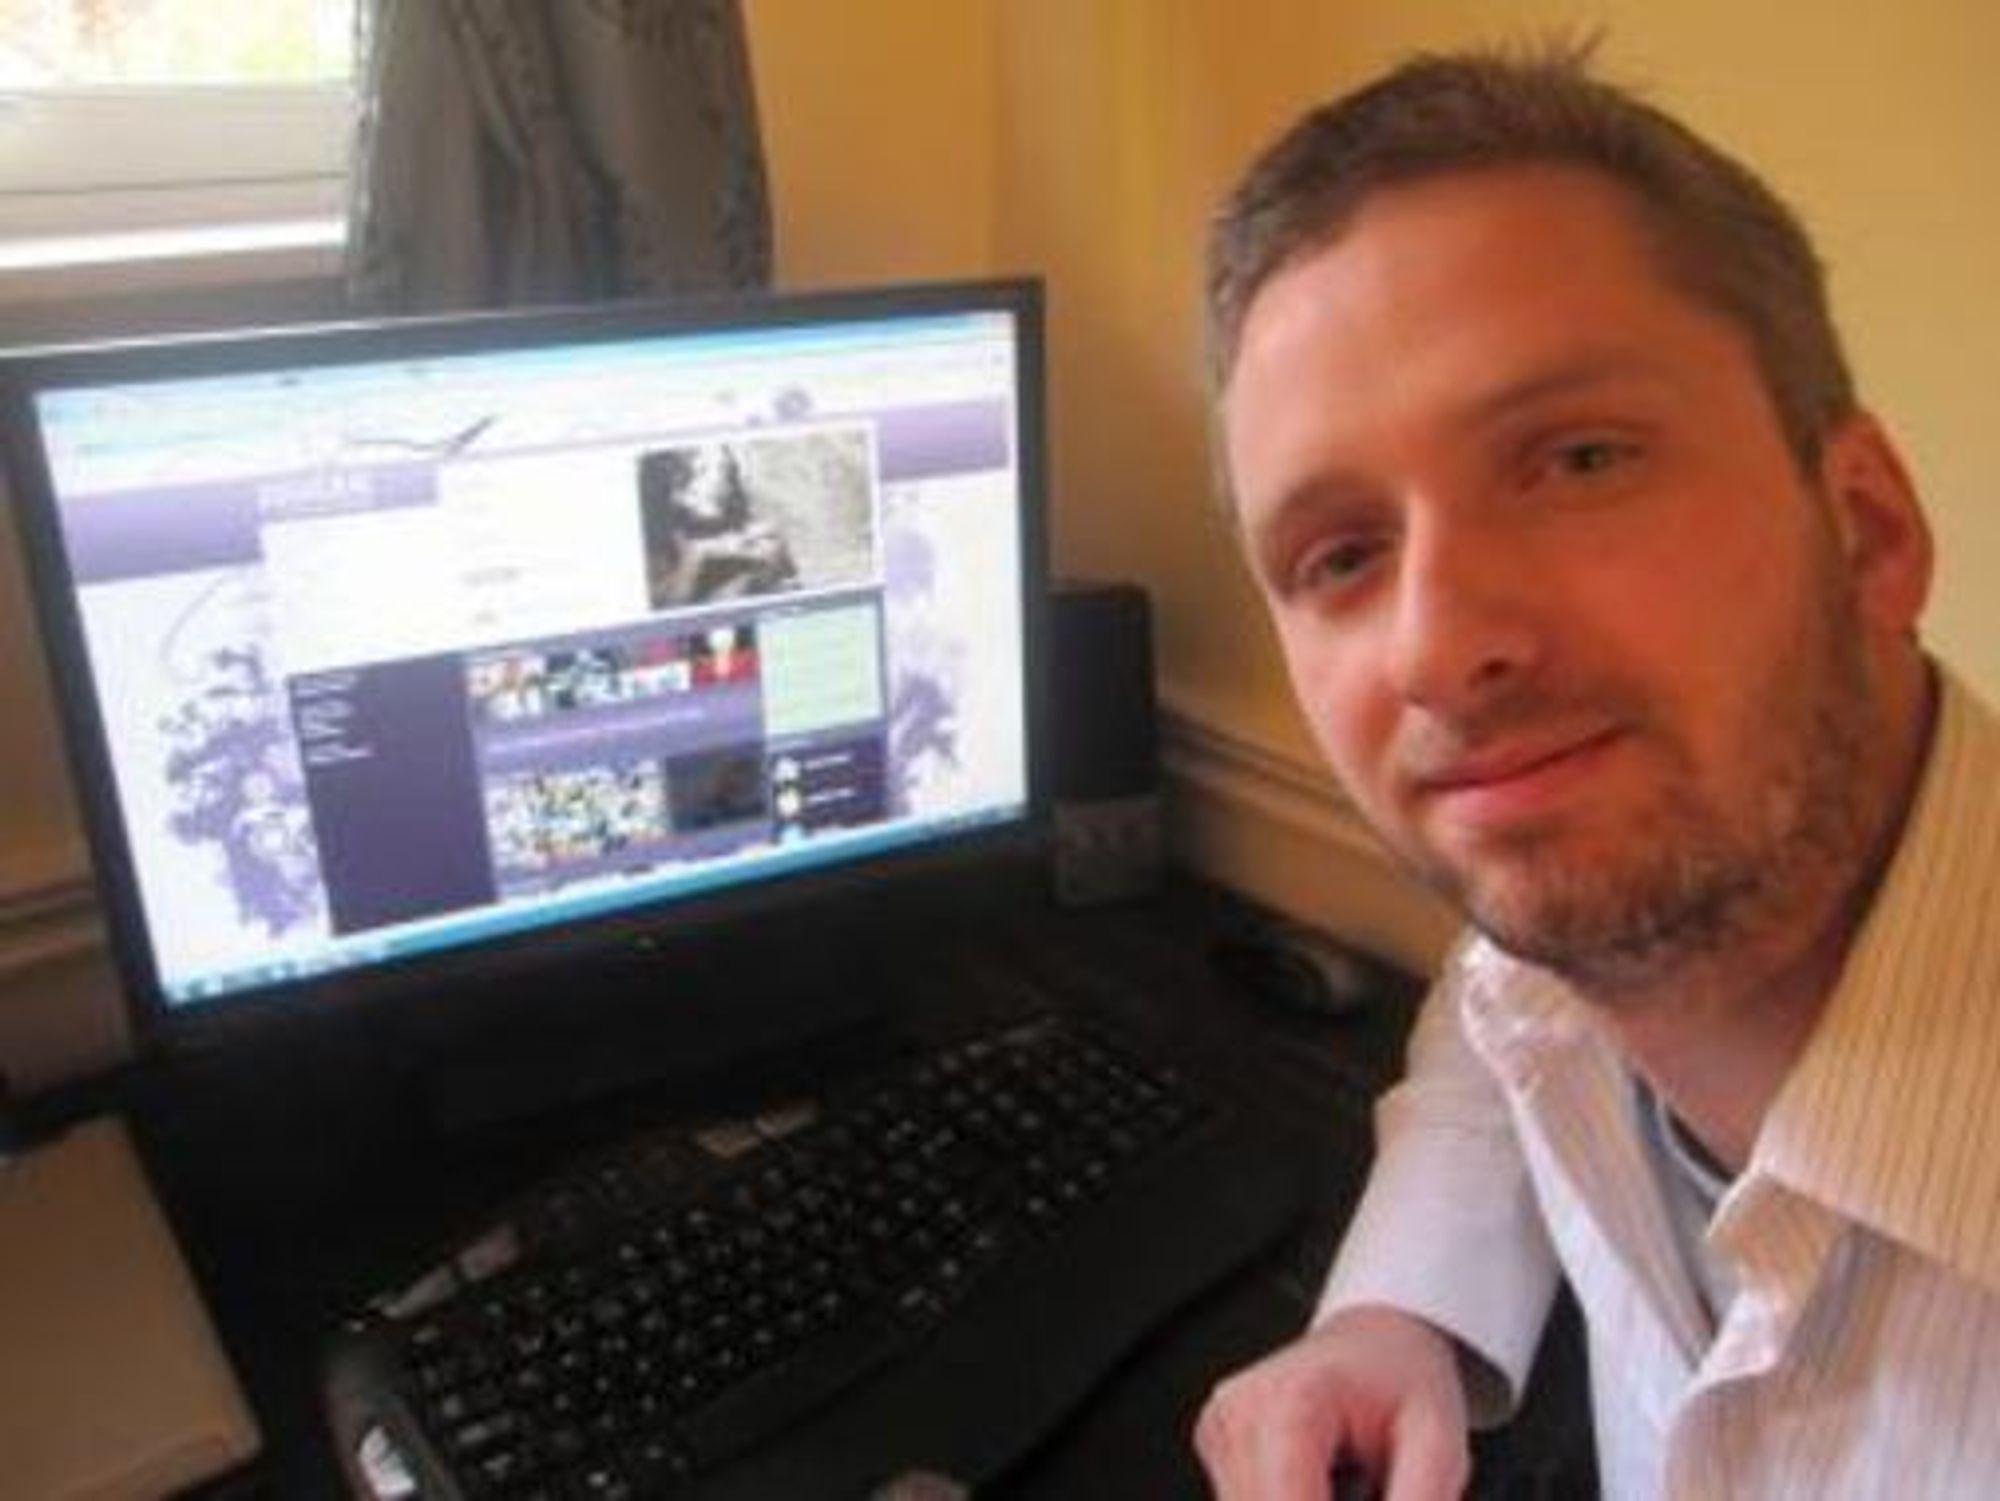 Juuger-gründer Svein-Erik Bjørnstad søker talenter til sin nye nettjeneste.